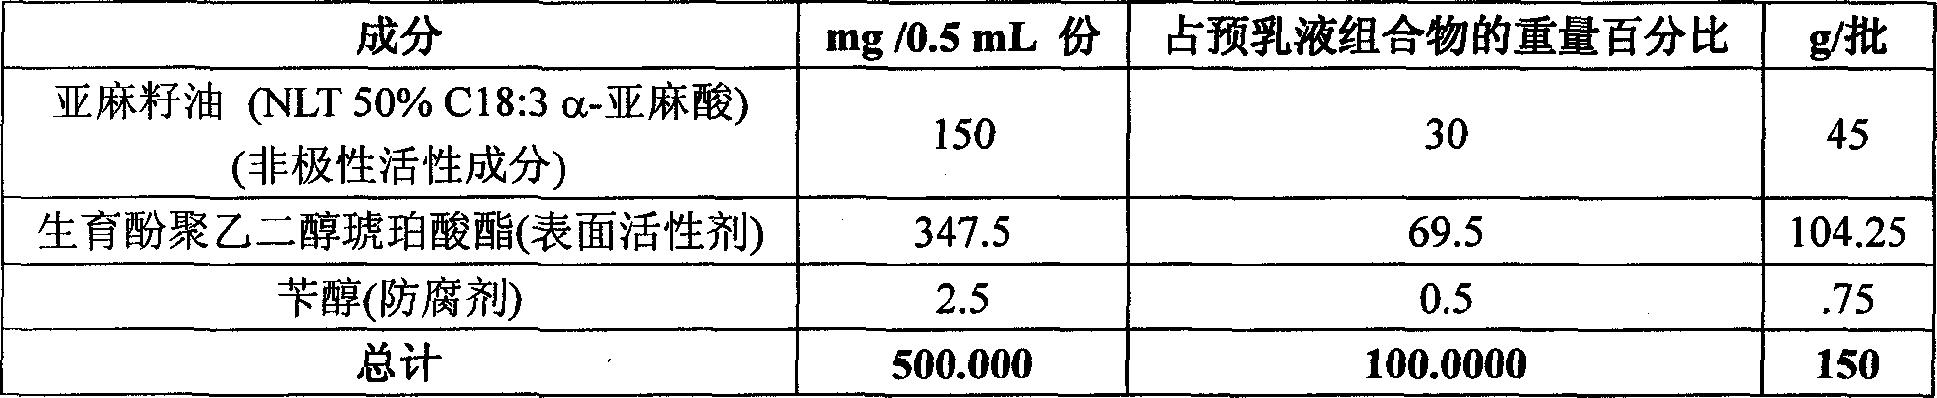 Figure CN102036661BD00854